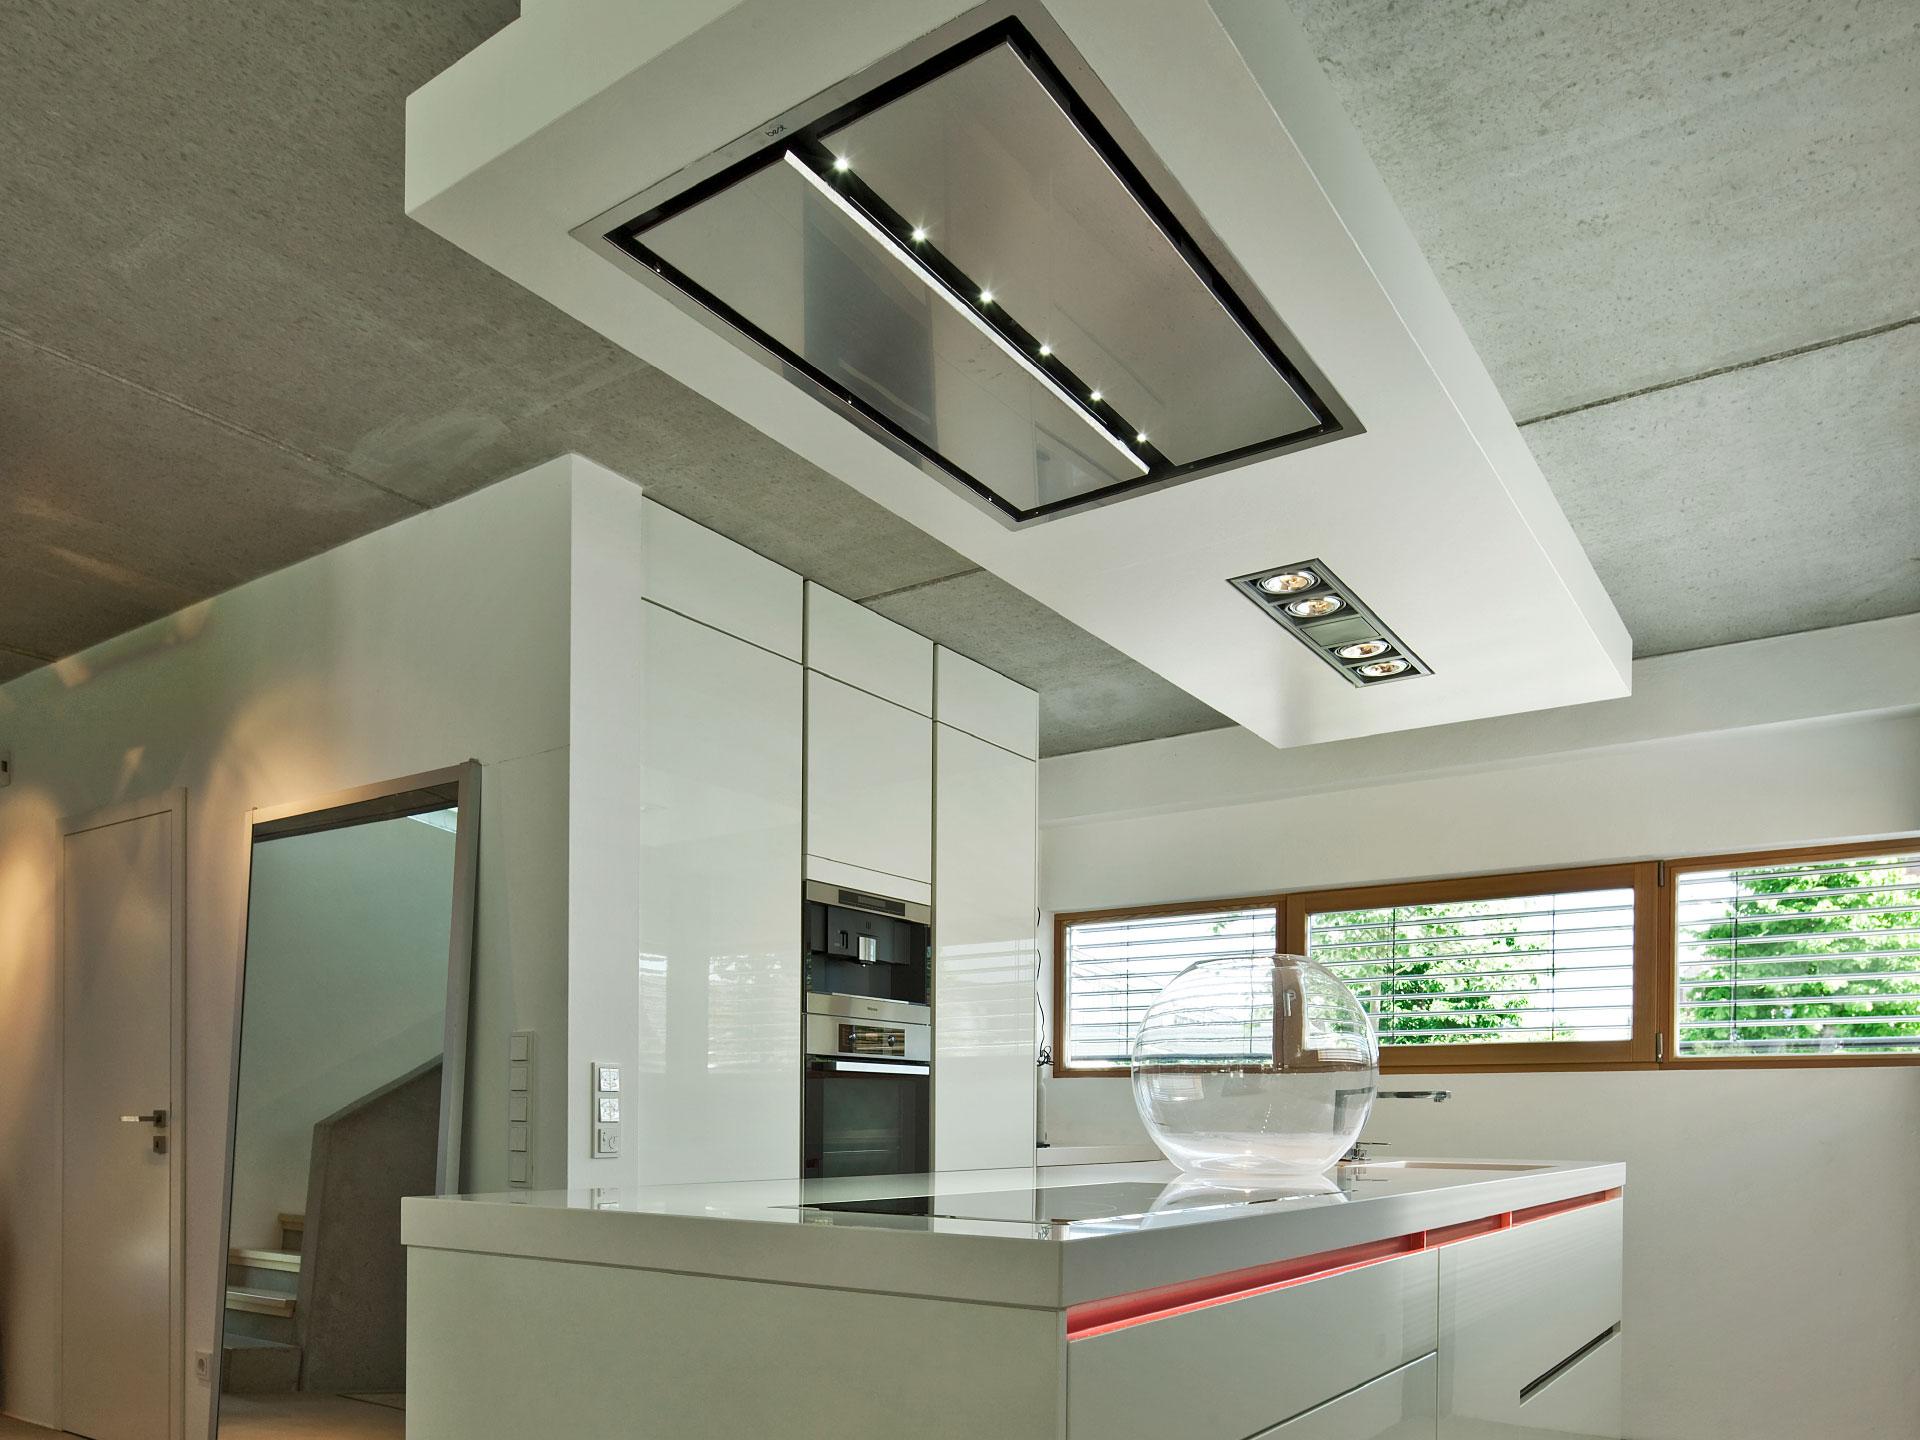 Full Size of Kochinsel Steckdose Bad Küche Mit L Spiegelschrank Beleuchtung Und Wohnzimmer Kochinsel Steckdose